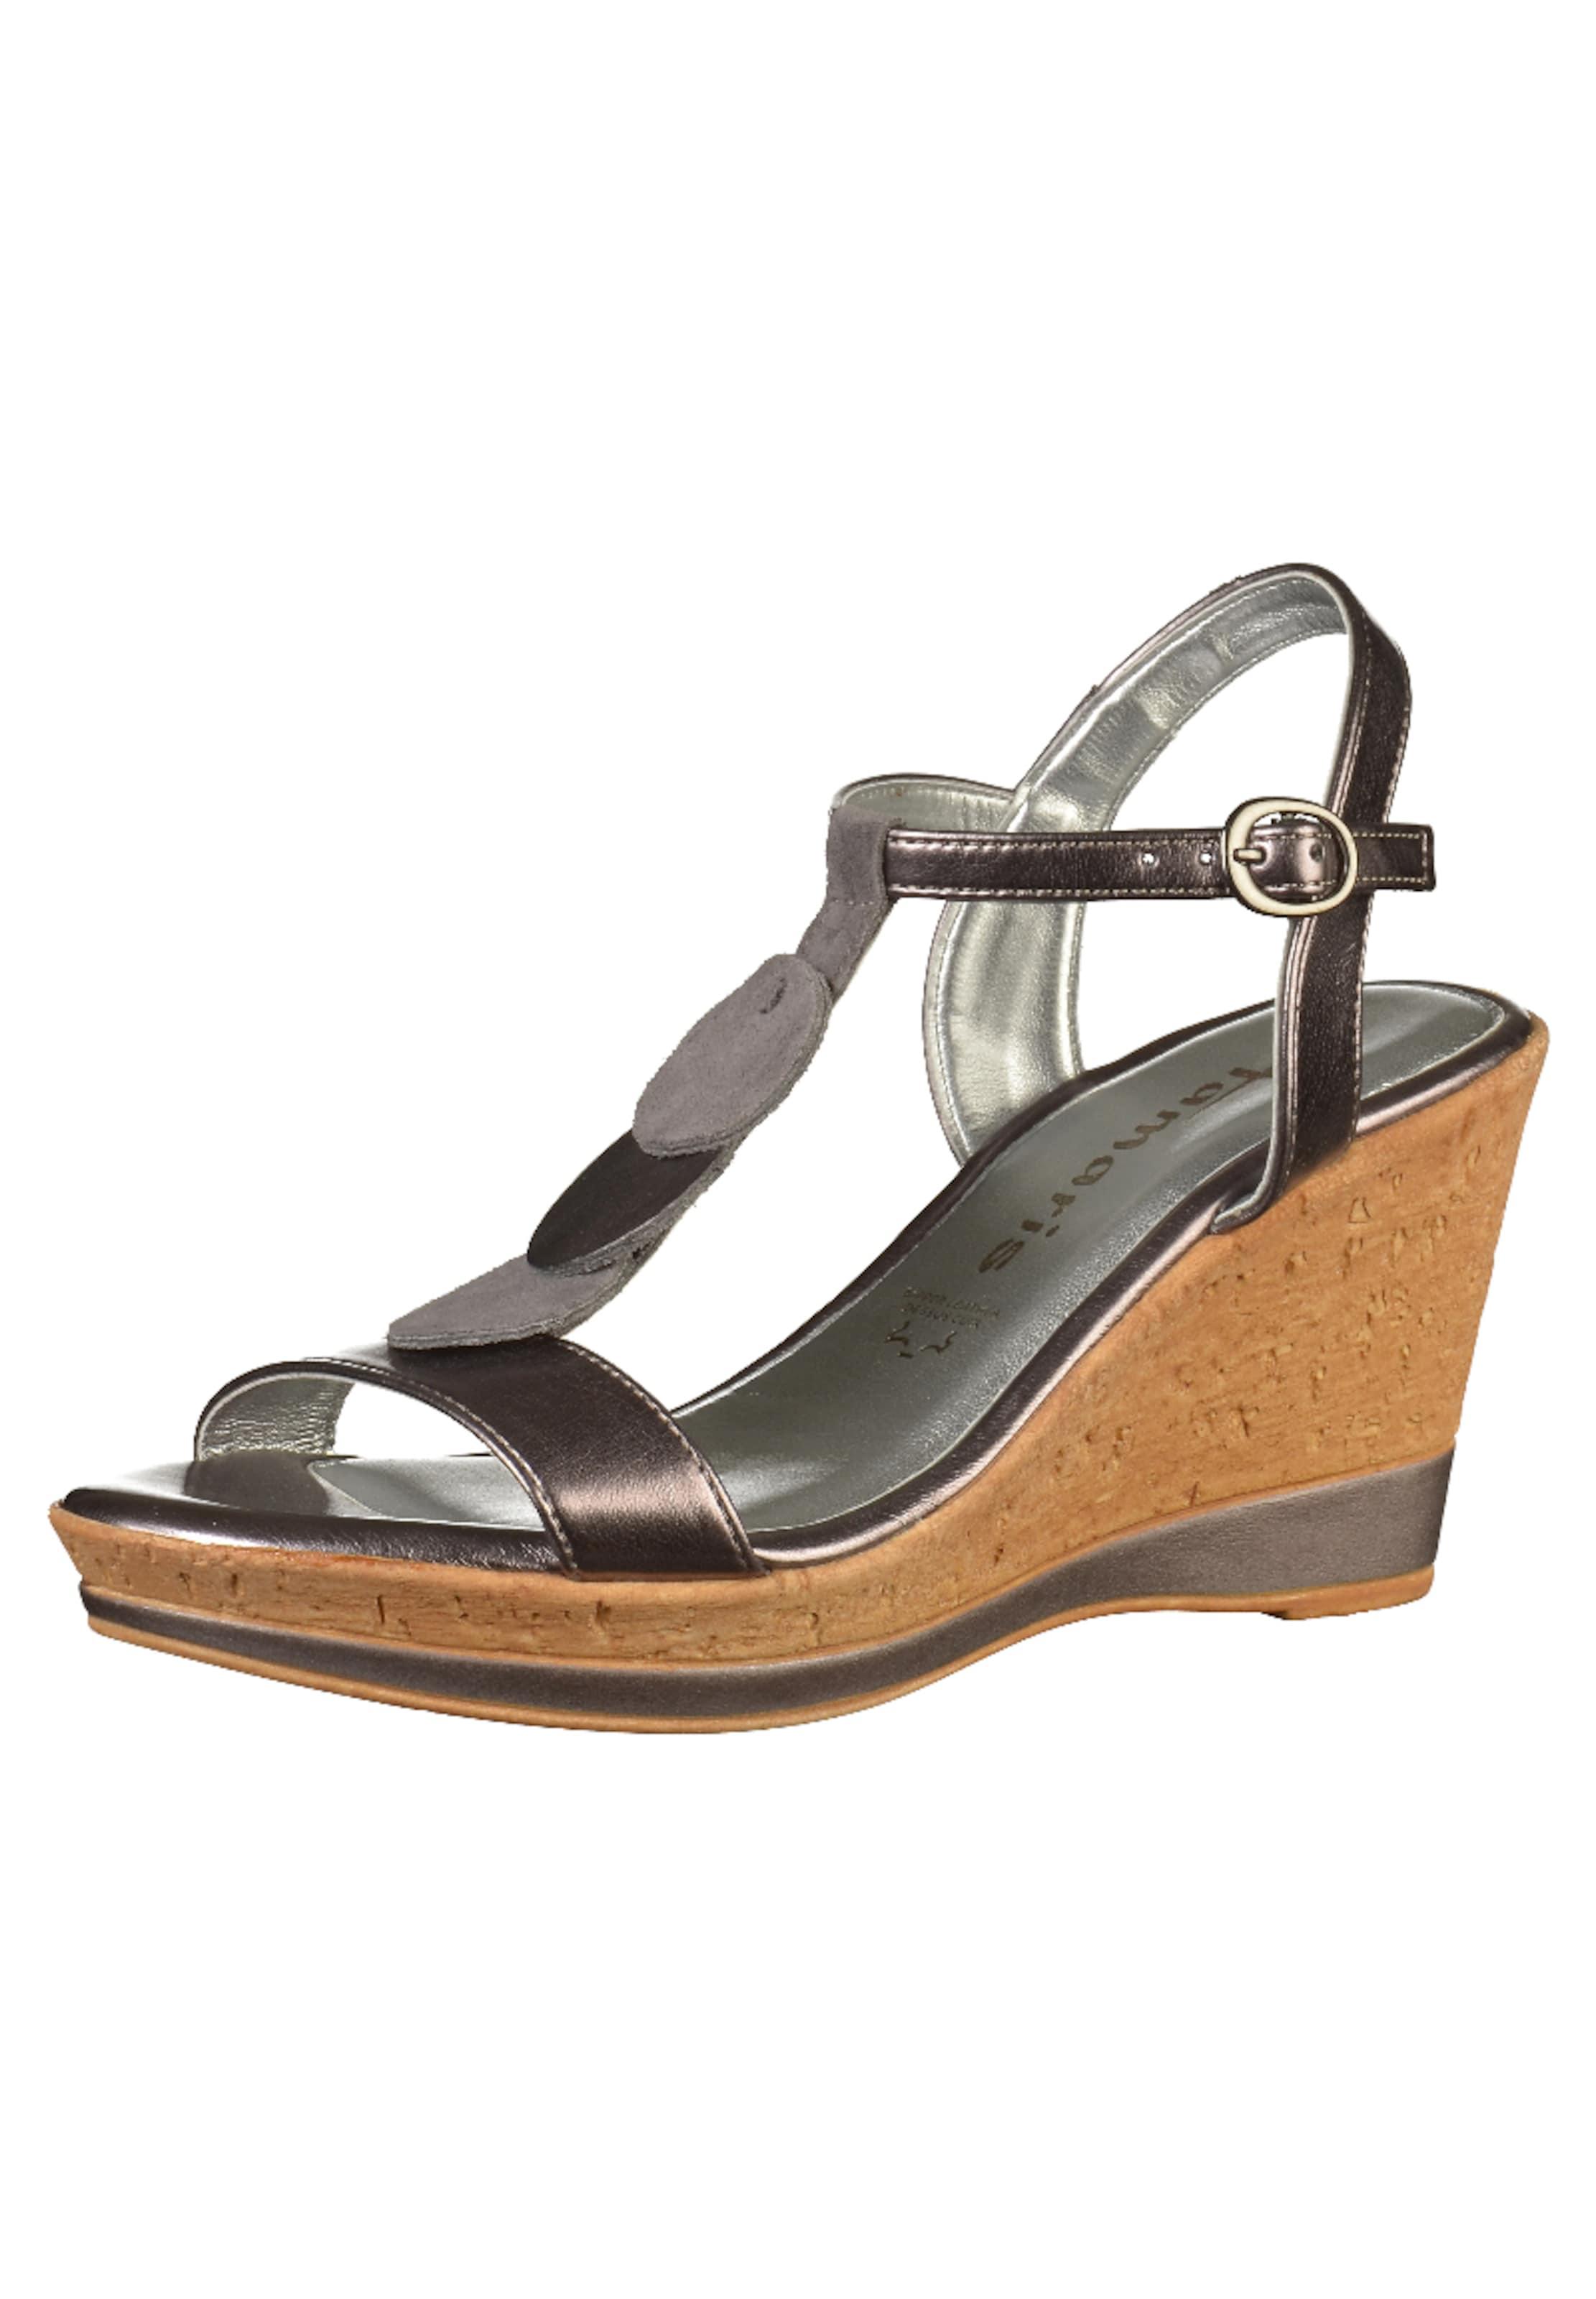 TAMARIS Sandalen Verschleißfeste billige Schuhe Hohe Qualität